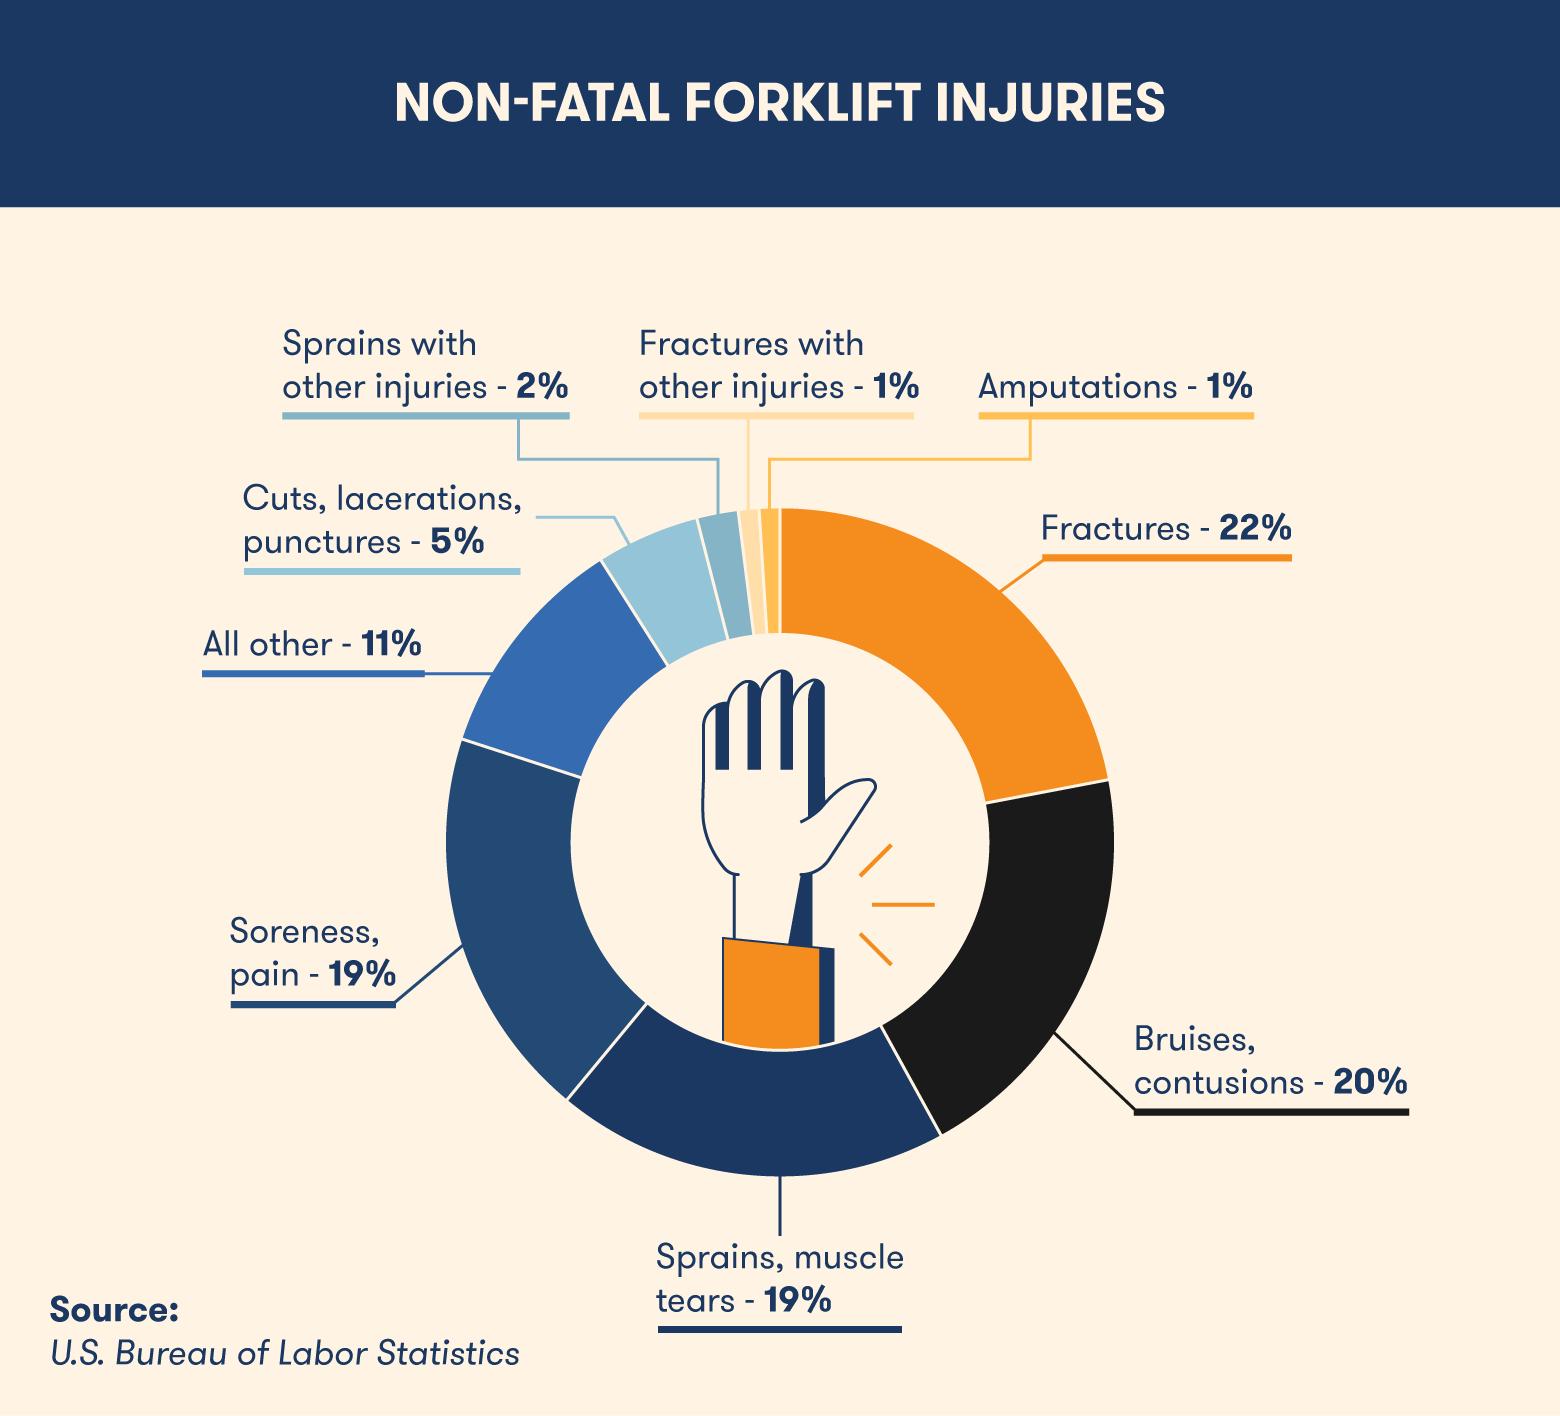 Nonfatal-forklift-Injuries